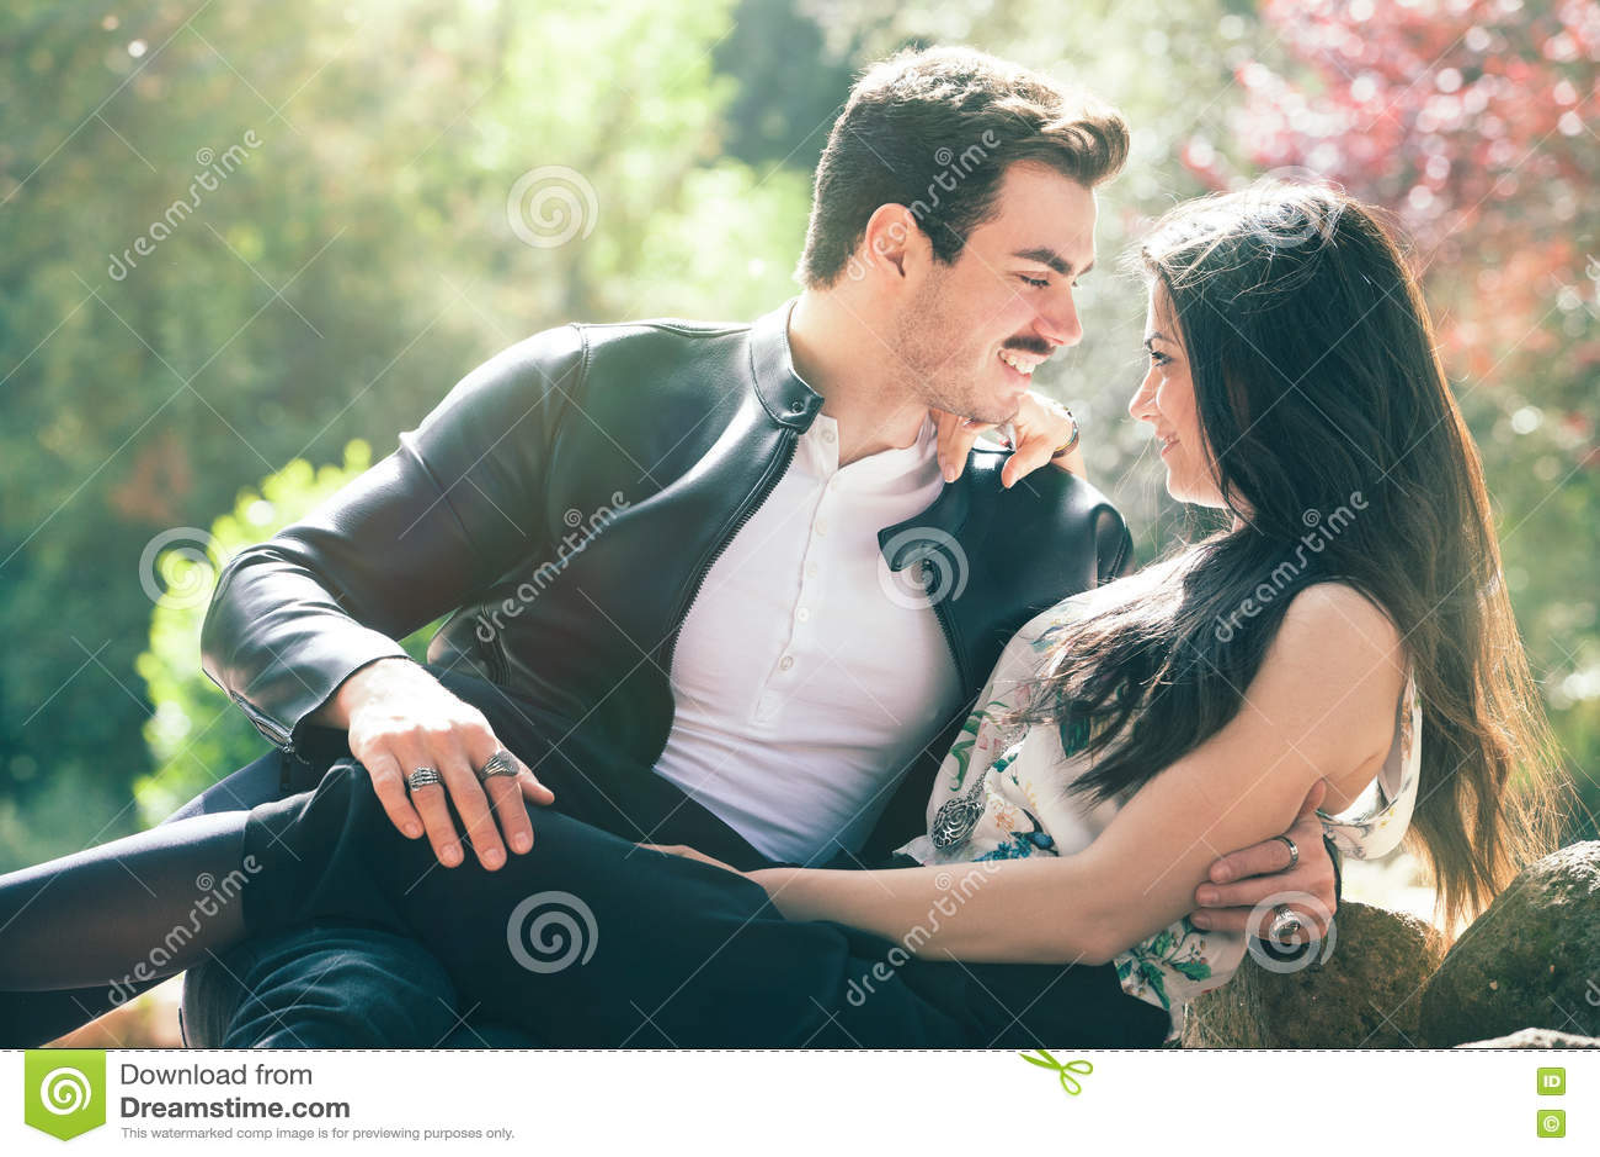 Καλό συναίσθημα αγάπης ζεύγους Αρμονία αγάπης Πρώτο ρομαντικό φιλί